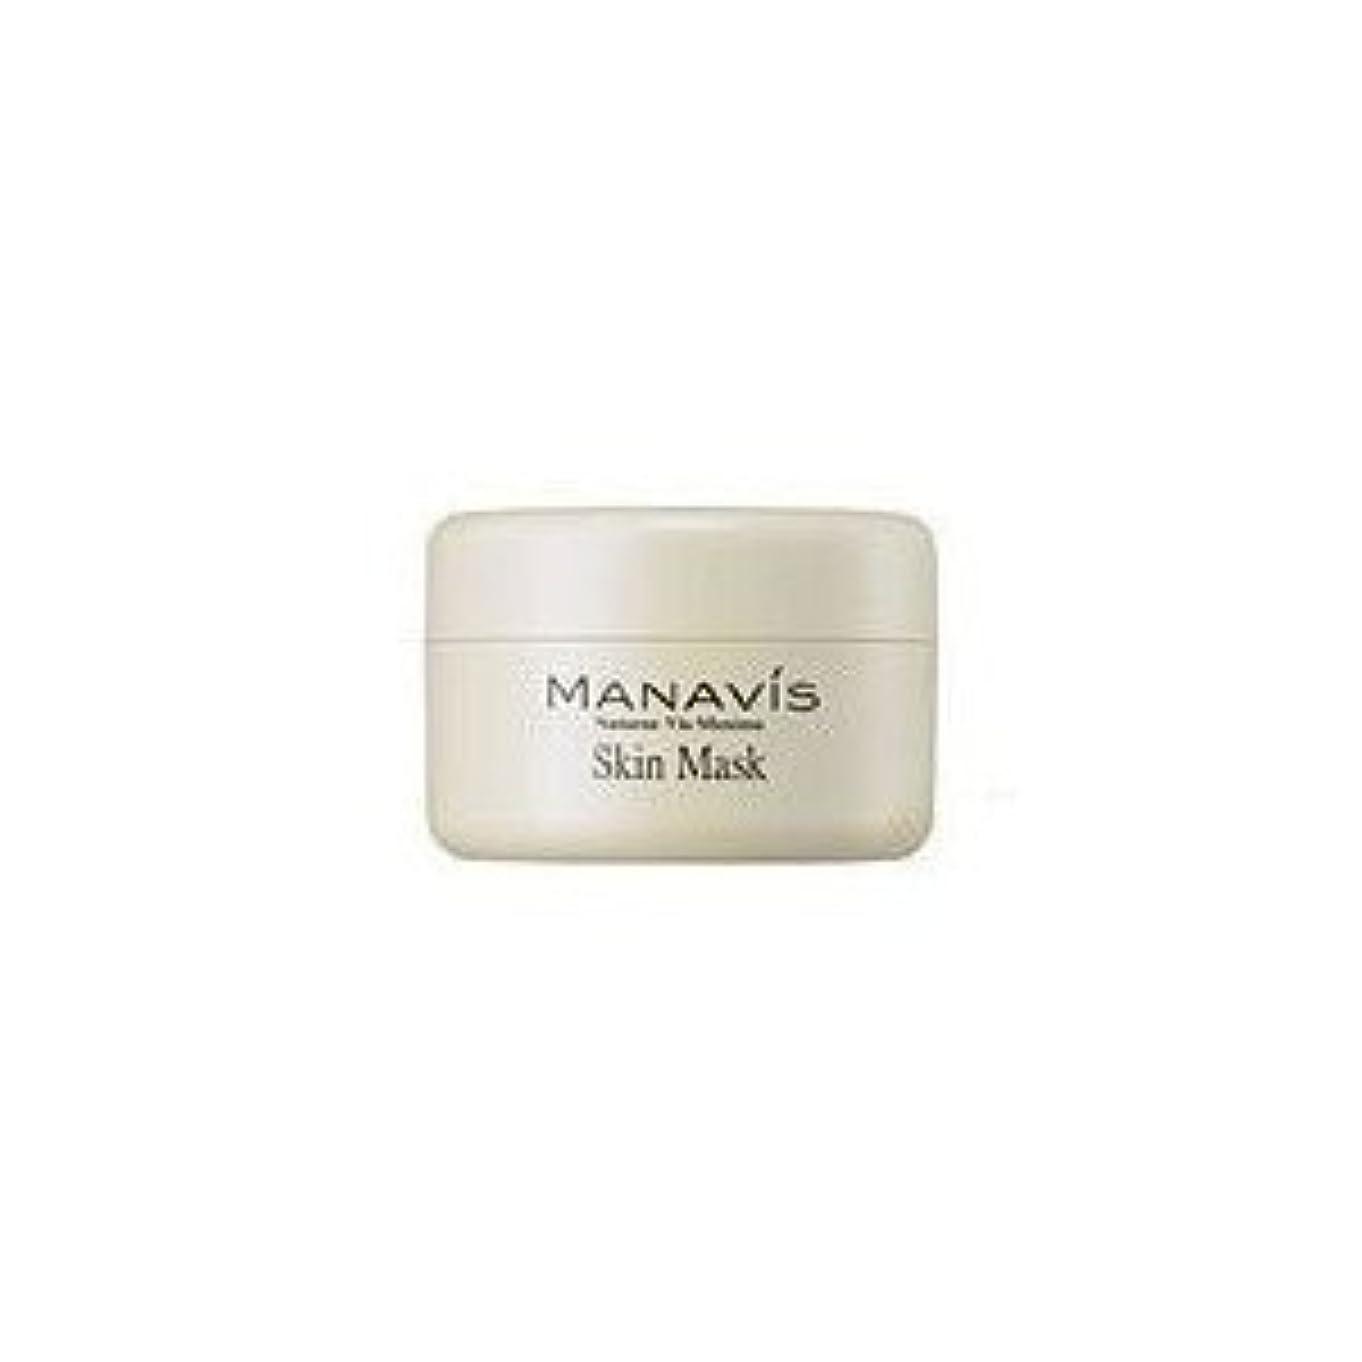 バブル沼地灰MANAVIS マナビス化粧品 薬用スキンマスク